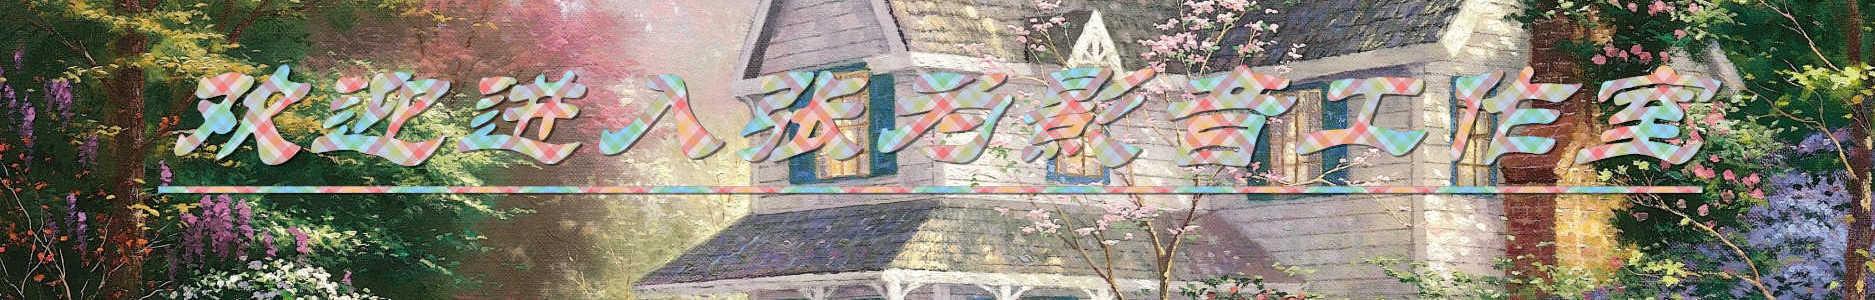 张为工作室 banner